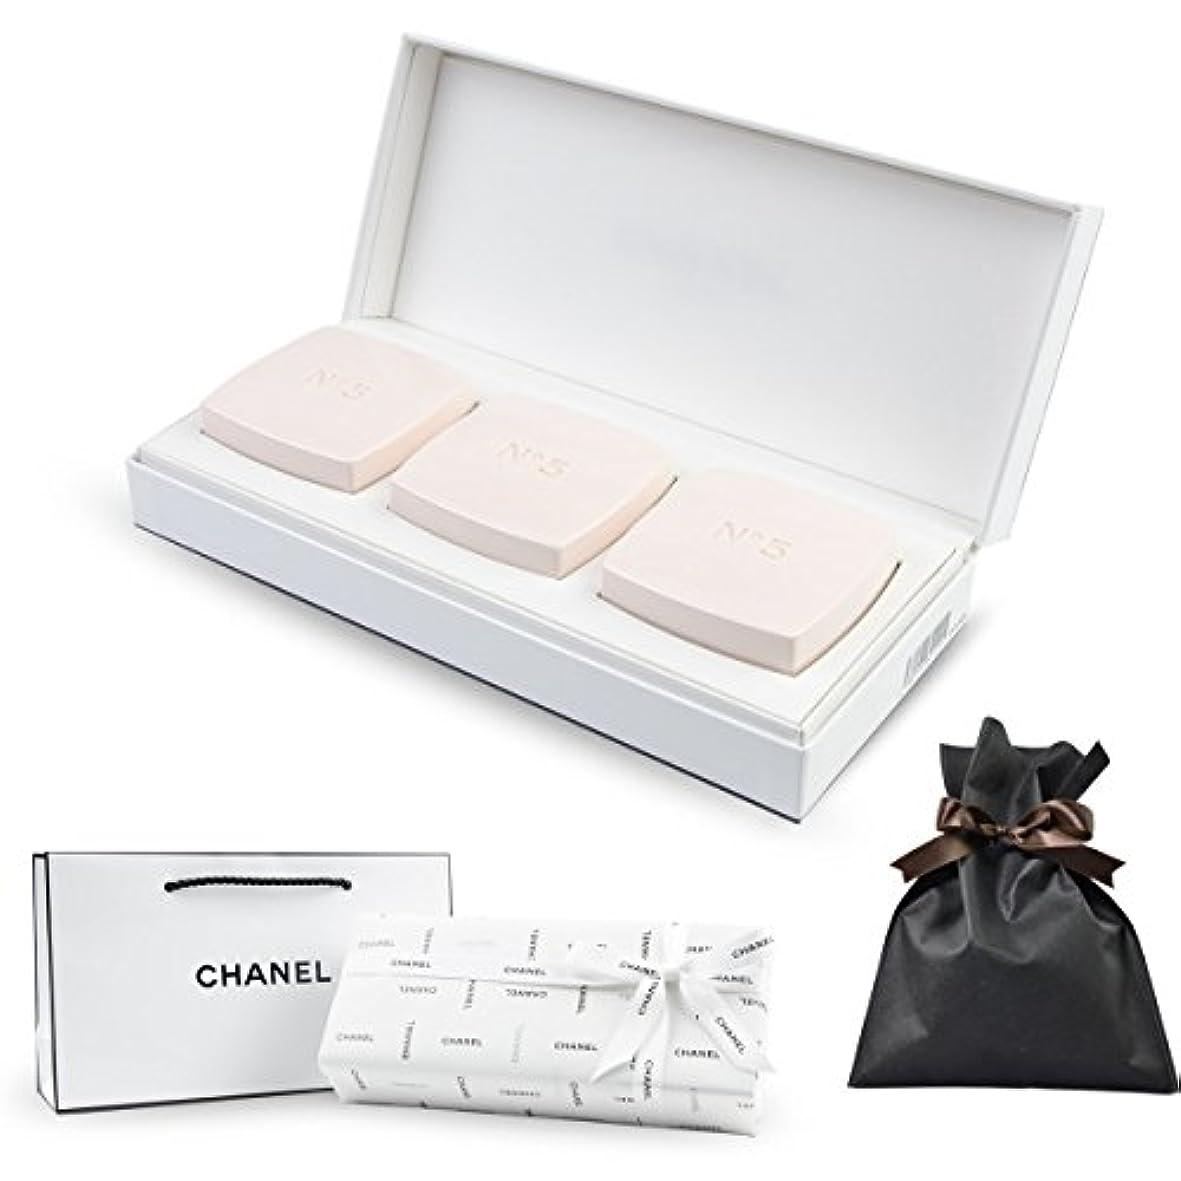 最大の白いすぐに[セット品] ギフトラッピング済 CHANEL シャネル 国内正規品 N°5 サヴォン ギフトコレクション 石鹸 3個セット シャネルショップバッグ付 ボディソープ